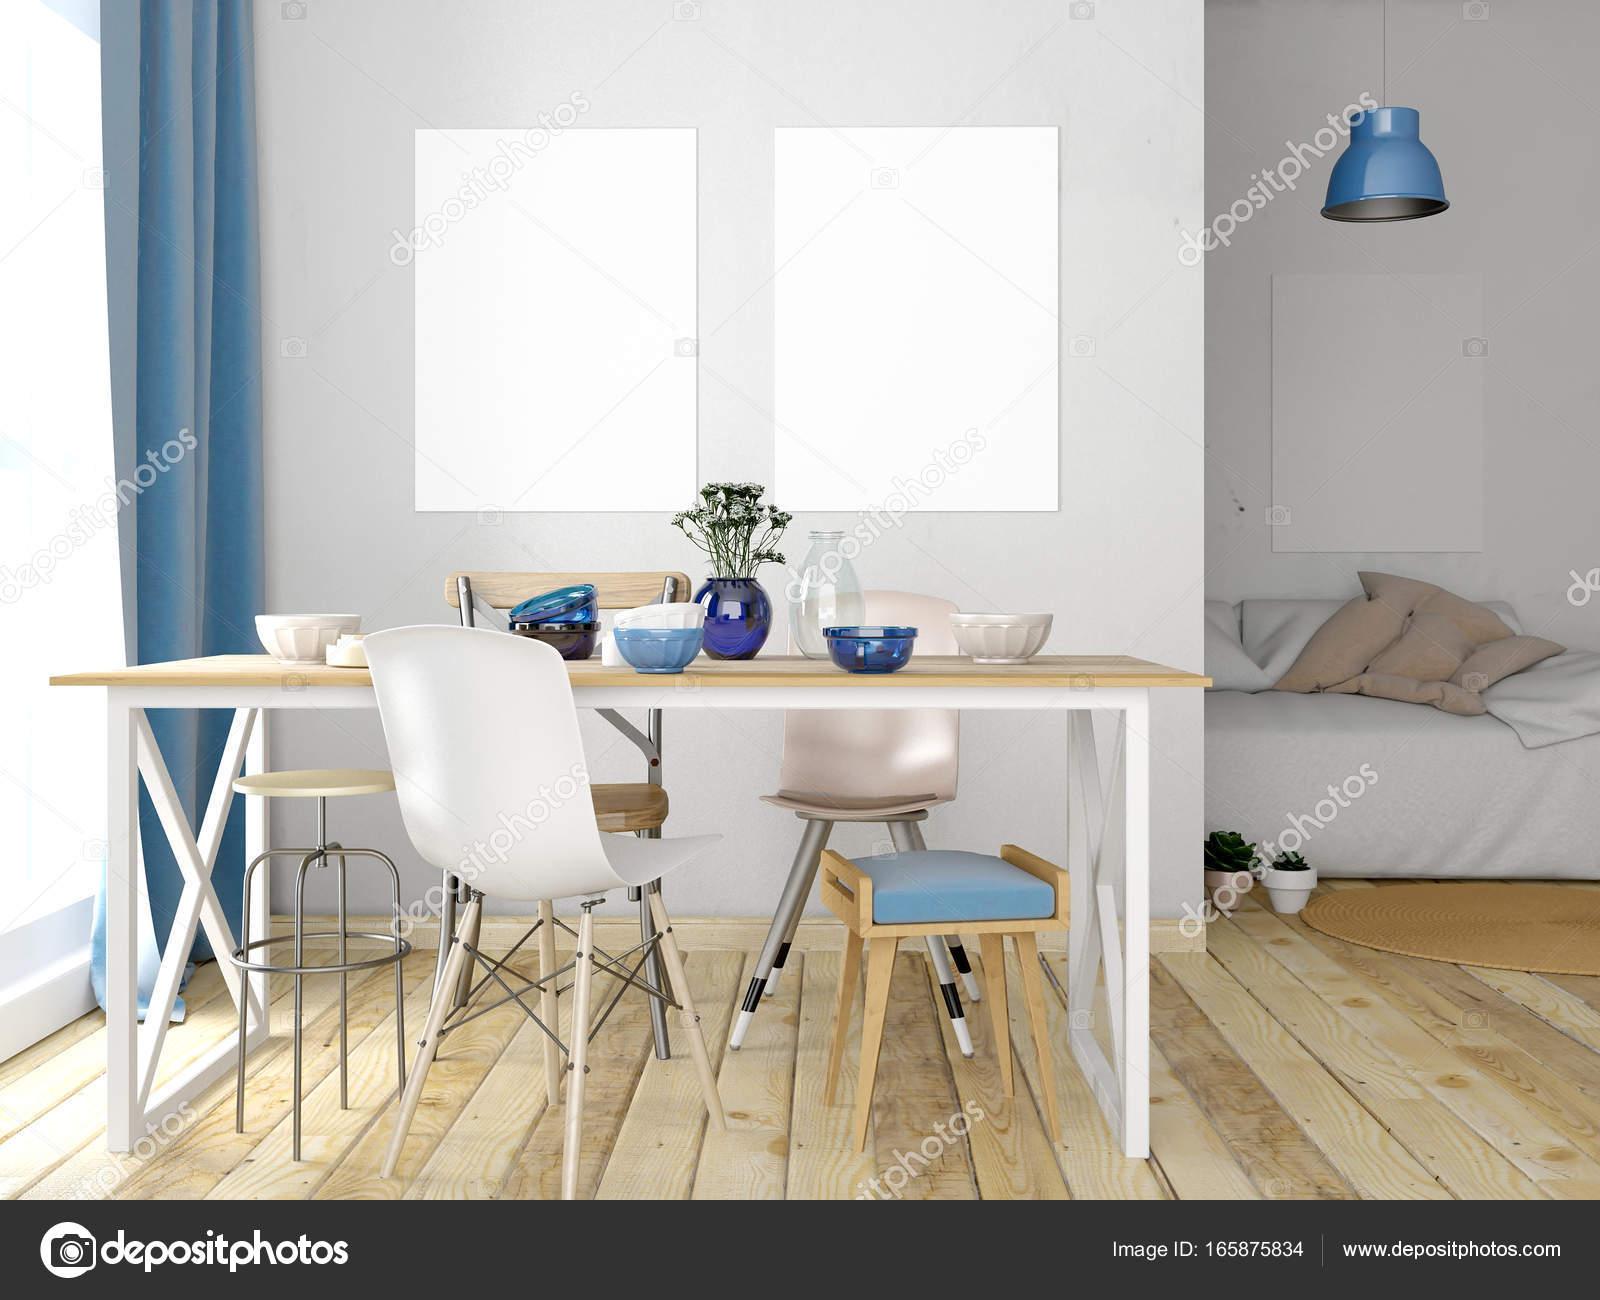 Eethoek In Woonkamer : Mock up poster in interieur met eethoek. moderne woonkamer